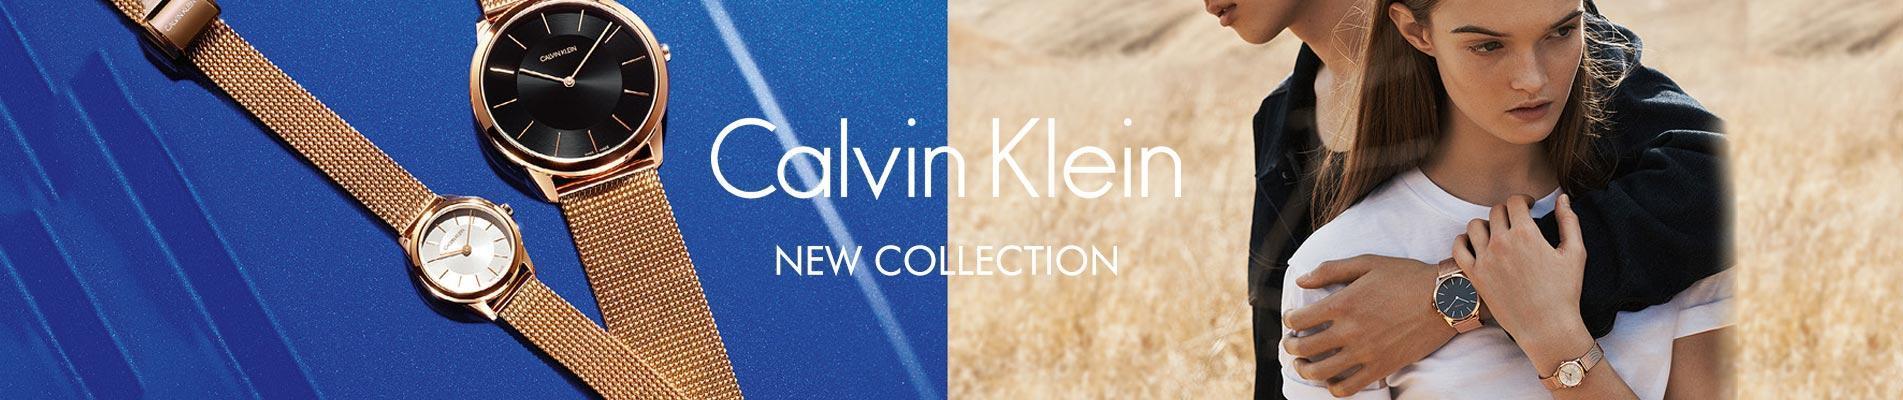 đồng hồ calvin klein ck